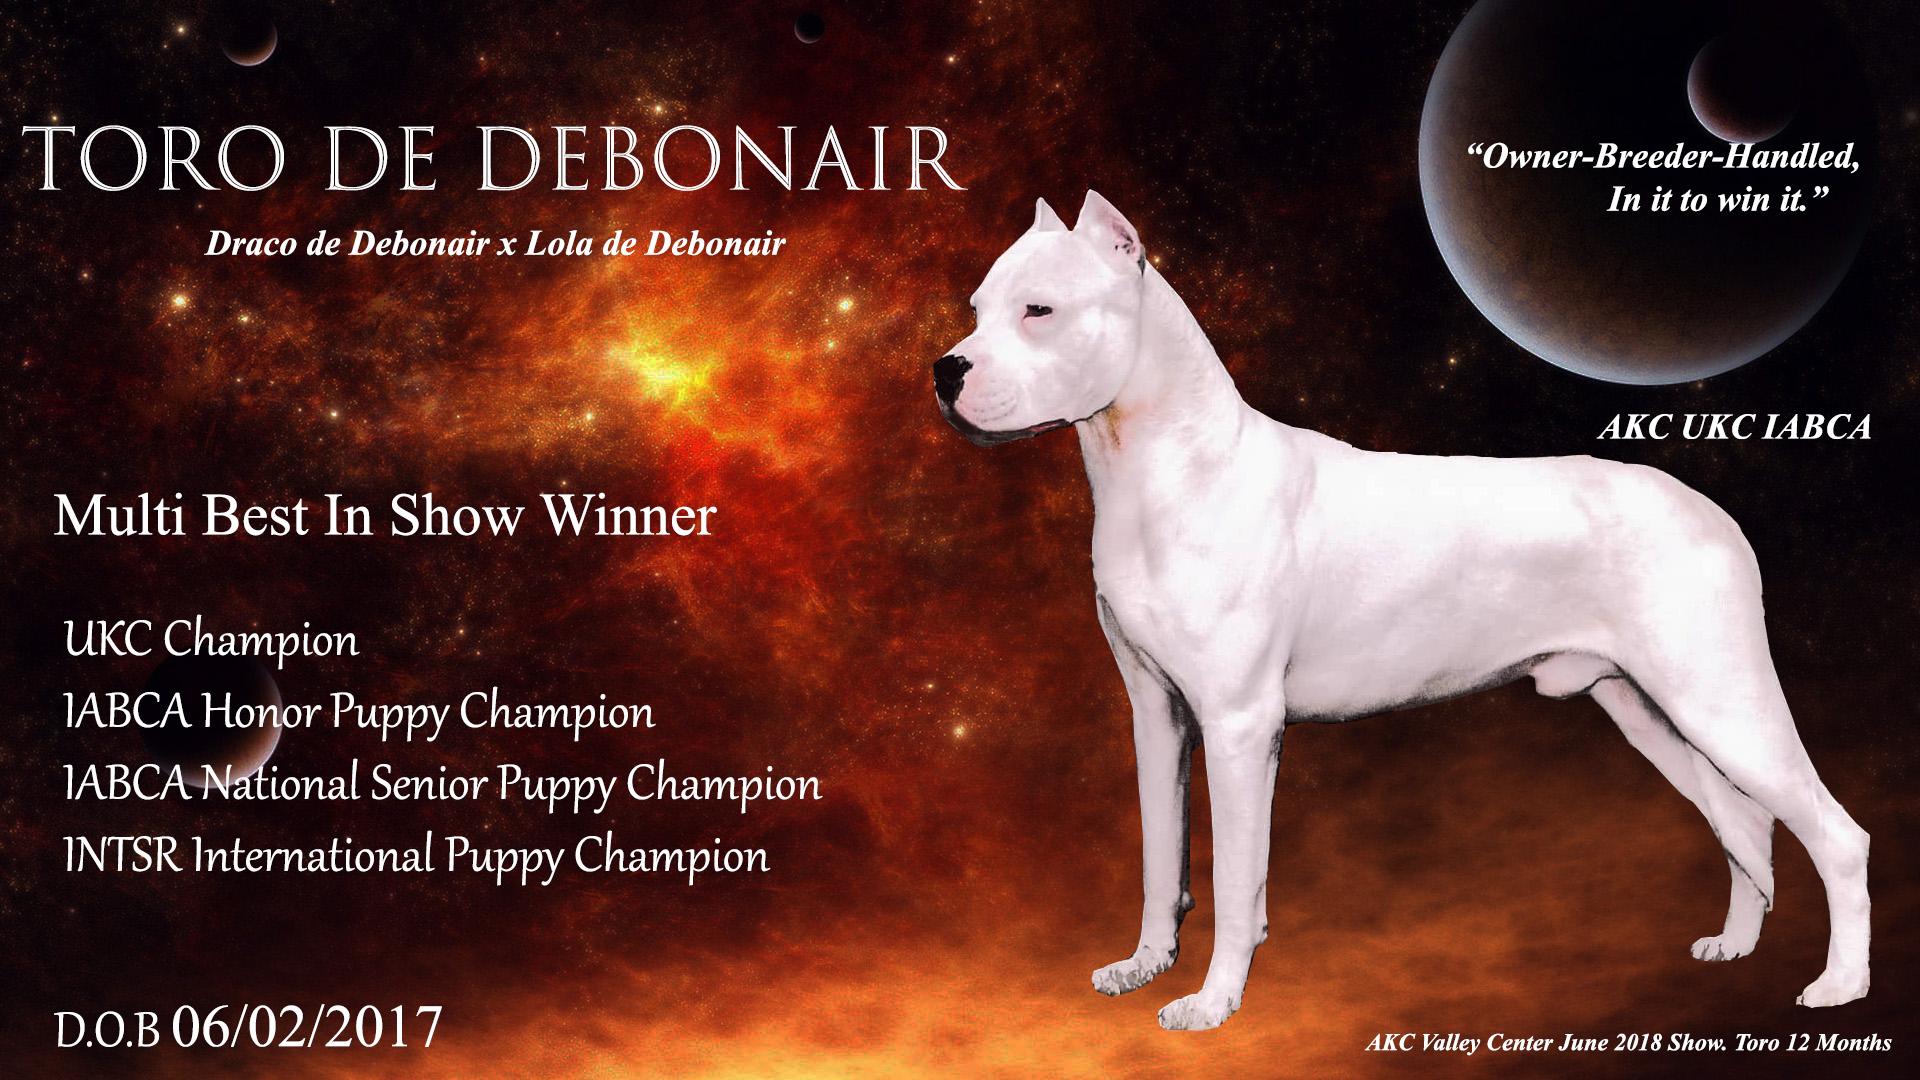 Dogo, Champion Dogo Argentino, Dogo Argentino kennel, Dogo